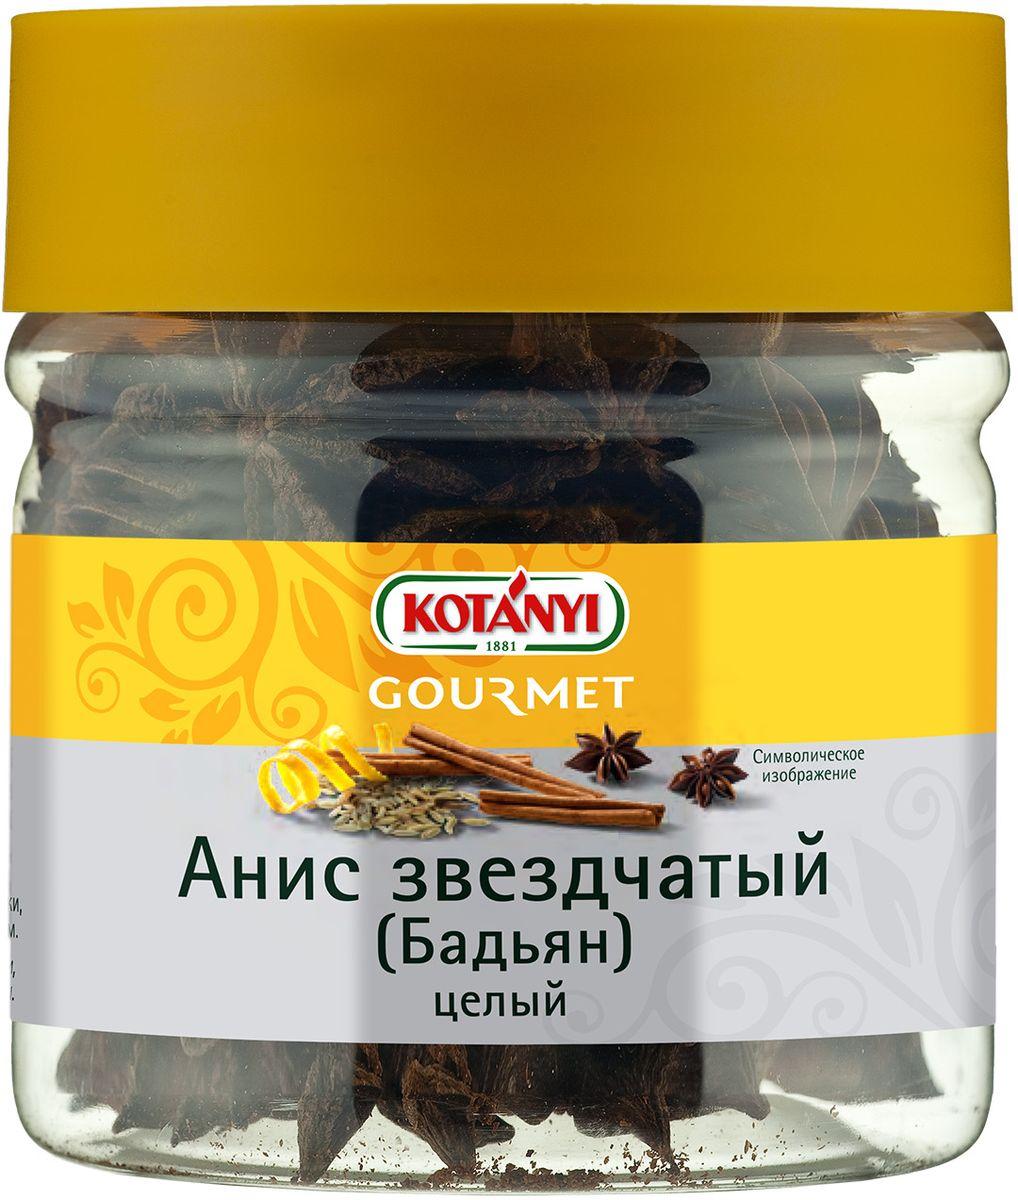 Kotanyi Анис звездчатый (бадьян) целый, 70 г739011Звездчатый анис (бадьян) Kotanyi придает блюдам сладковатый, пряный вкус, напоминающий вкус лакрицы. Он незаменим в индийской и китайской кухне. Звездчатый анис Kotanyi подходит как для основных блюд, так и для десертов. Придает тонкий аромат всем видам выпечки, курице, свинине, а также супам, соусам, пуншу и ликерам.